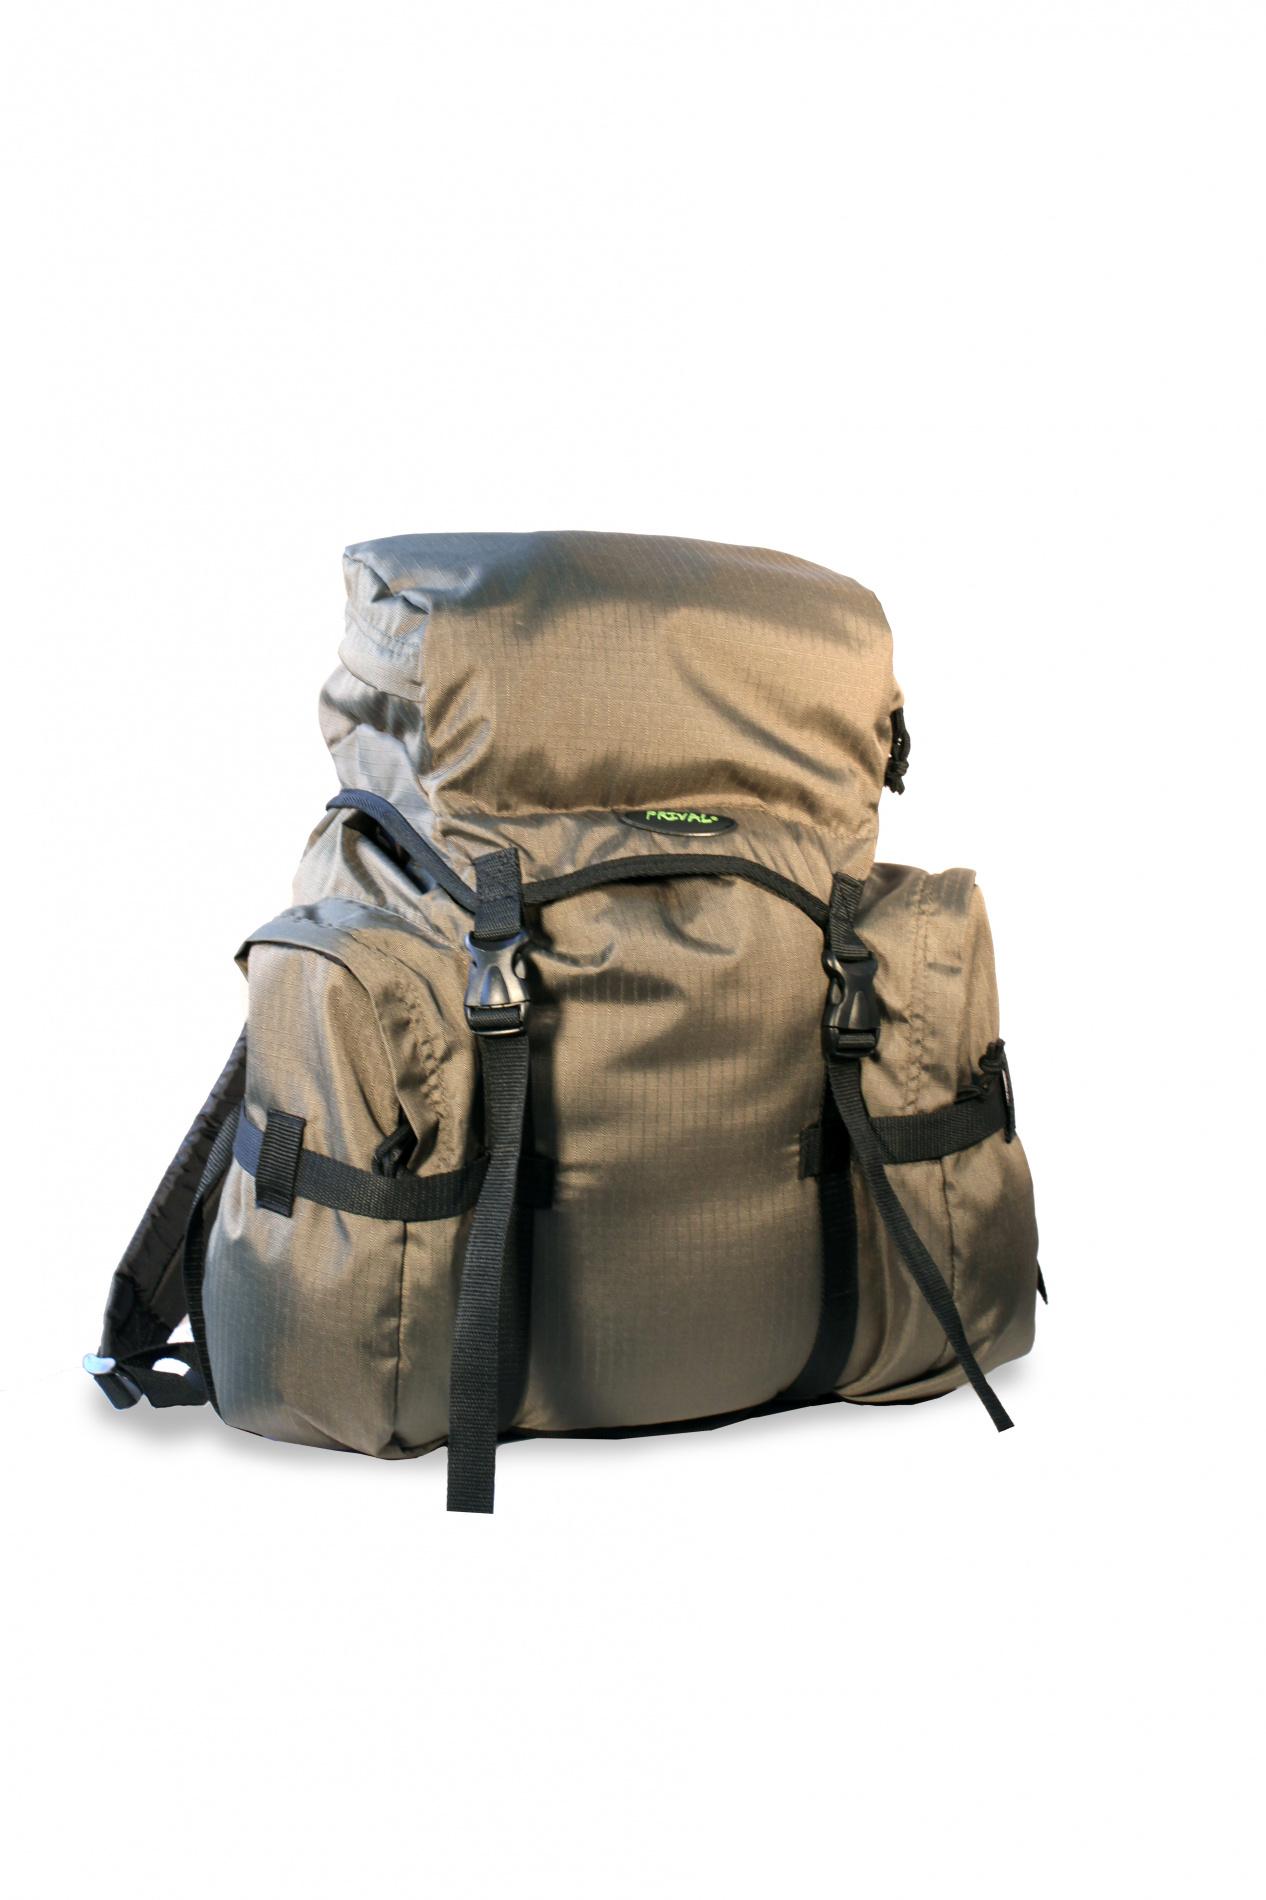 """Рюкзак Кузьмич PRIVAL 45л (хаки)Рюкзаки<br>Многофункциональный легкий и компактный <br>рюкзак """"Кузьмич"""" предназначен для туристов, <br>охотников и рыболовов. Удобная конструкция <br>делает его практичным и надежным, а компактность <br>и относительная простота обеспечивает <br>хорошую мобильность. Материал рюкзака не <br>впитывает влагу. По бокам """"Кузьмич"""" снабжён <br>двумя большими наружными карманами, обеспечивающими <br>быстрый и удобный доступ к часто используемым <br>предметам. Также рюкзак имеет удобную ручку <br>для переноса и верхний плавающий карман <br>- клапан для мелочей. Назначение: Туризм, <br>рыбалка, охота Число лямок: 2 Тип конструкции: <br>Мягкий Грудная стяжка: Есть Поясной ремень: <br>Есть Боковая стяжка: Нет Клапан: Есть; рюкзак <br>убирается в карман клапана Ткань: Poly Oxford <br>600D PU RipStop; Polyester 1000D Объём, л: 45; 55 Фурнитура: <br>ABS пластик; молнии № 10 Вес, кг: 0,56; 0,7 Цвет: <br>Черный, Камуфляж, Хаки<br><br>Пол: унисекс"""